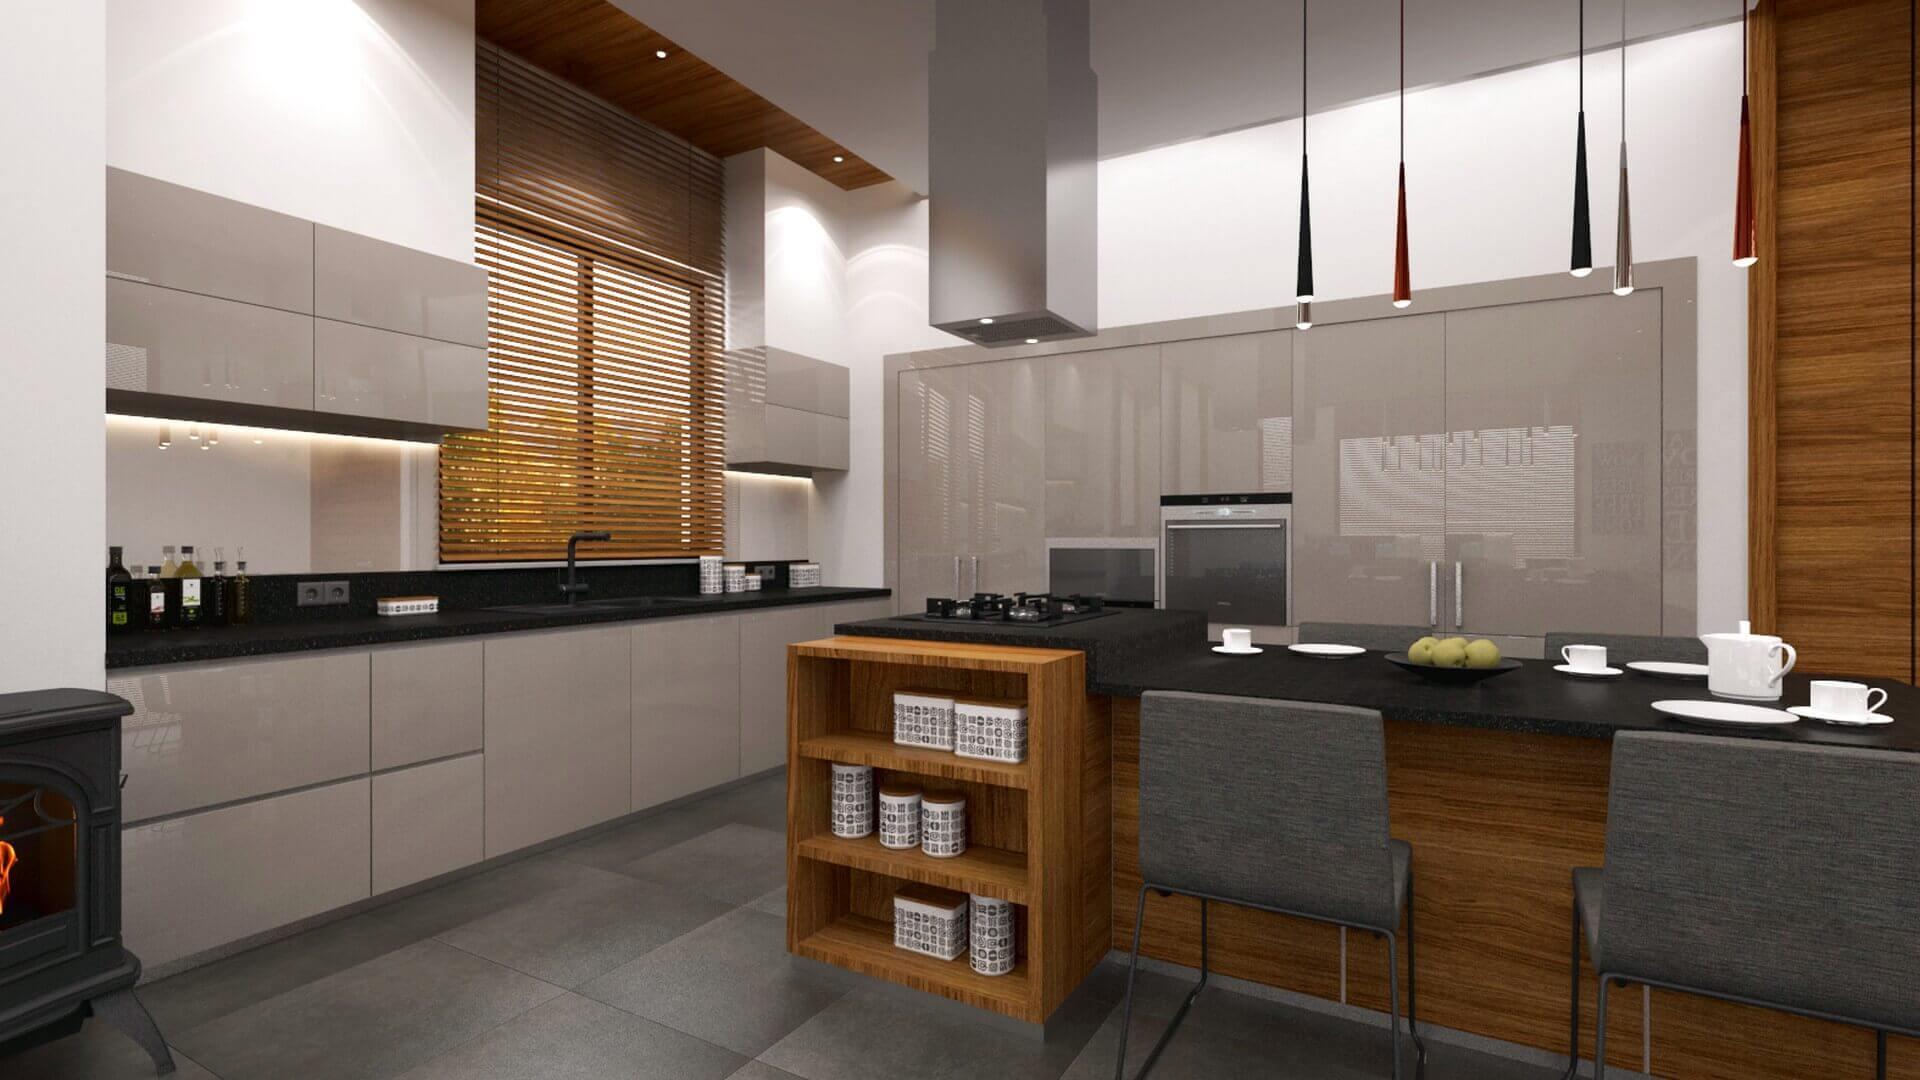 home inspiration 2946 E. Uslu Konutu Residential